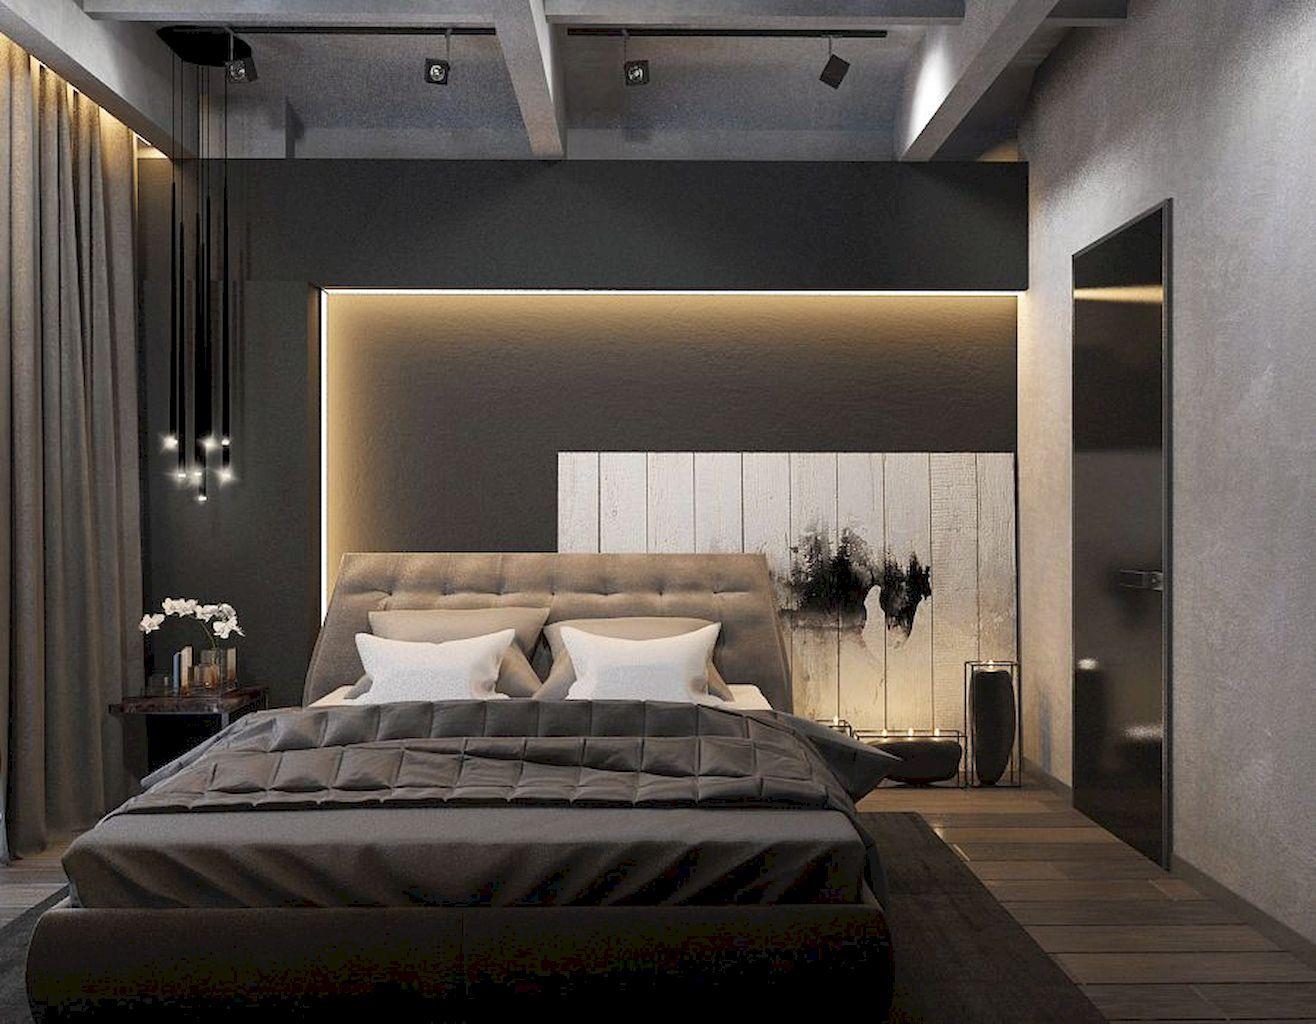 80 Modern Minimalist Bedroom Ideas Setyouroom Com Modern Minimalist Bedroom Bedroom Bed Design Luxurious Bedrooms Modern minimalist bedroom design